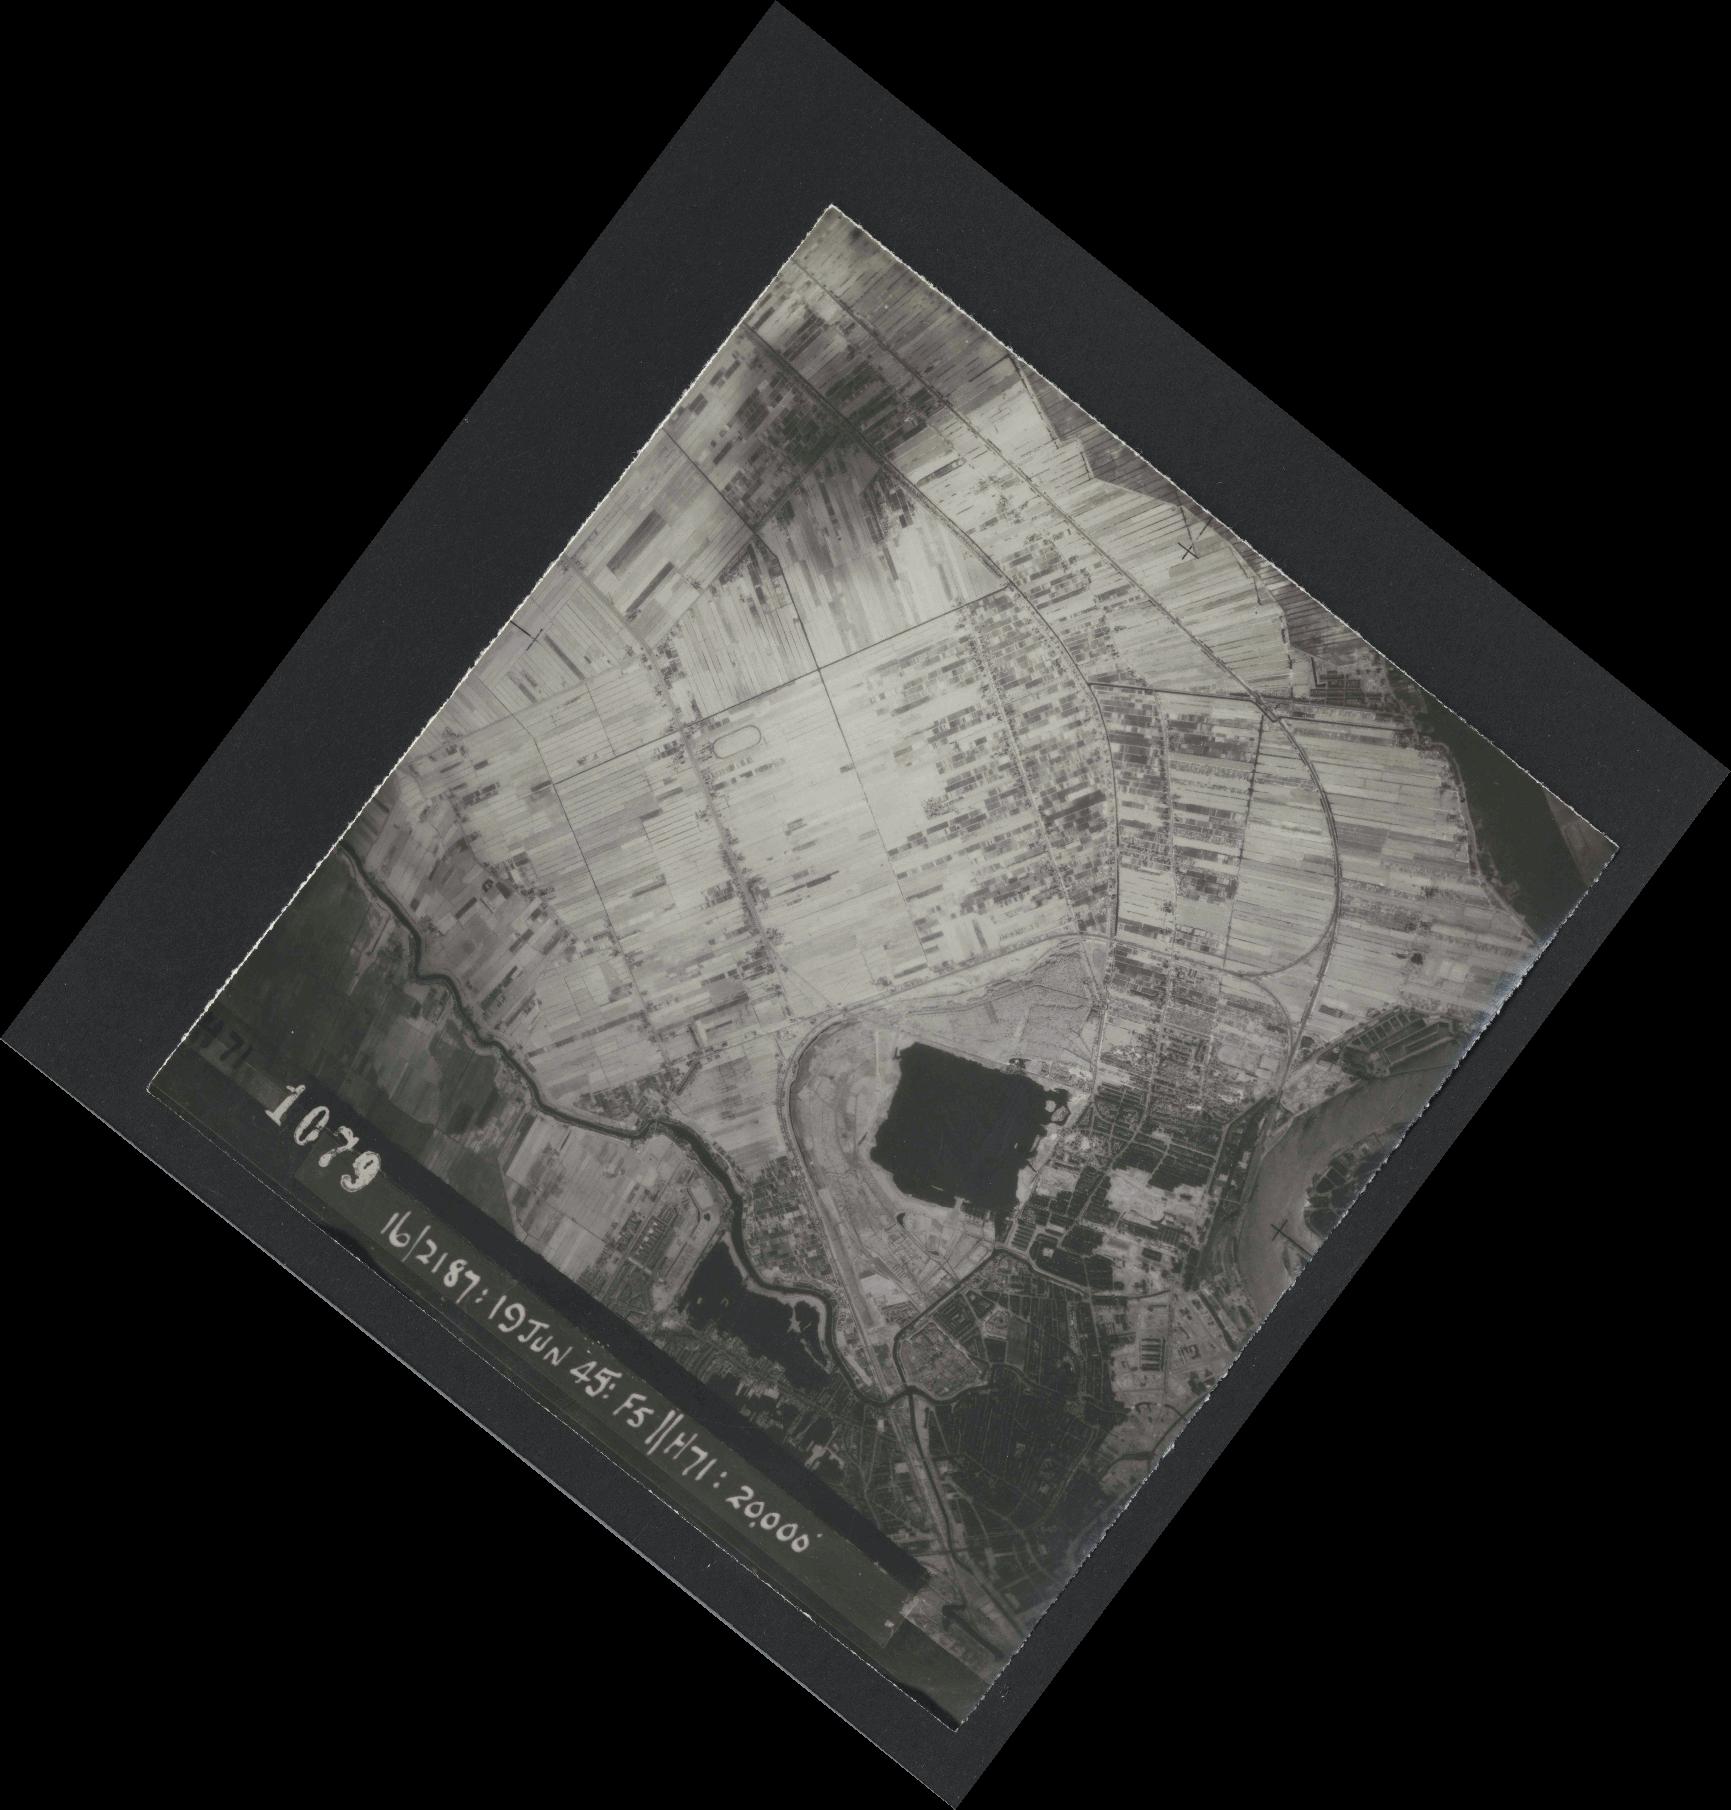 Collection RAF aerial photos 1940-1945 - flight 551, run 01, photo 1079